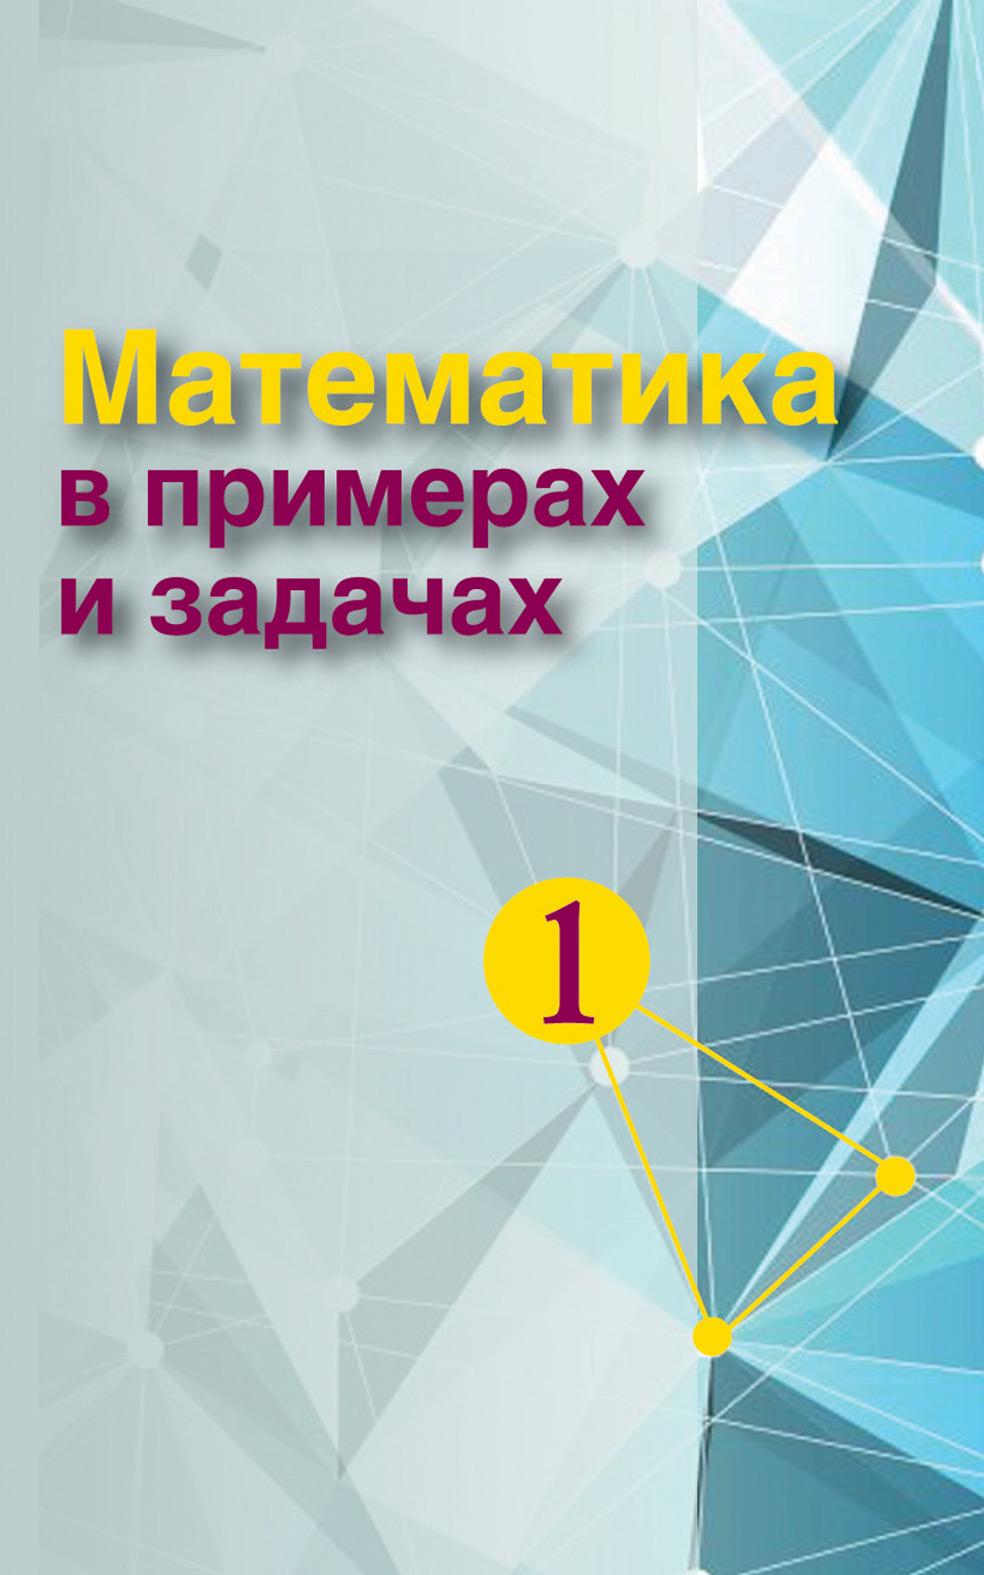 Коллектив авторов Математика в примерах и задачах. Часть 1